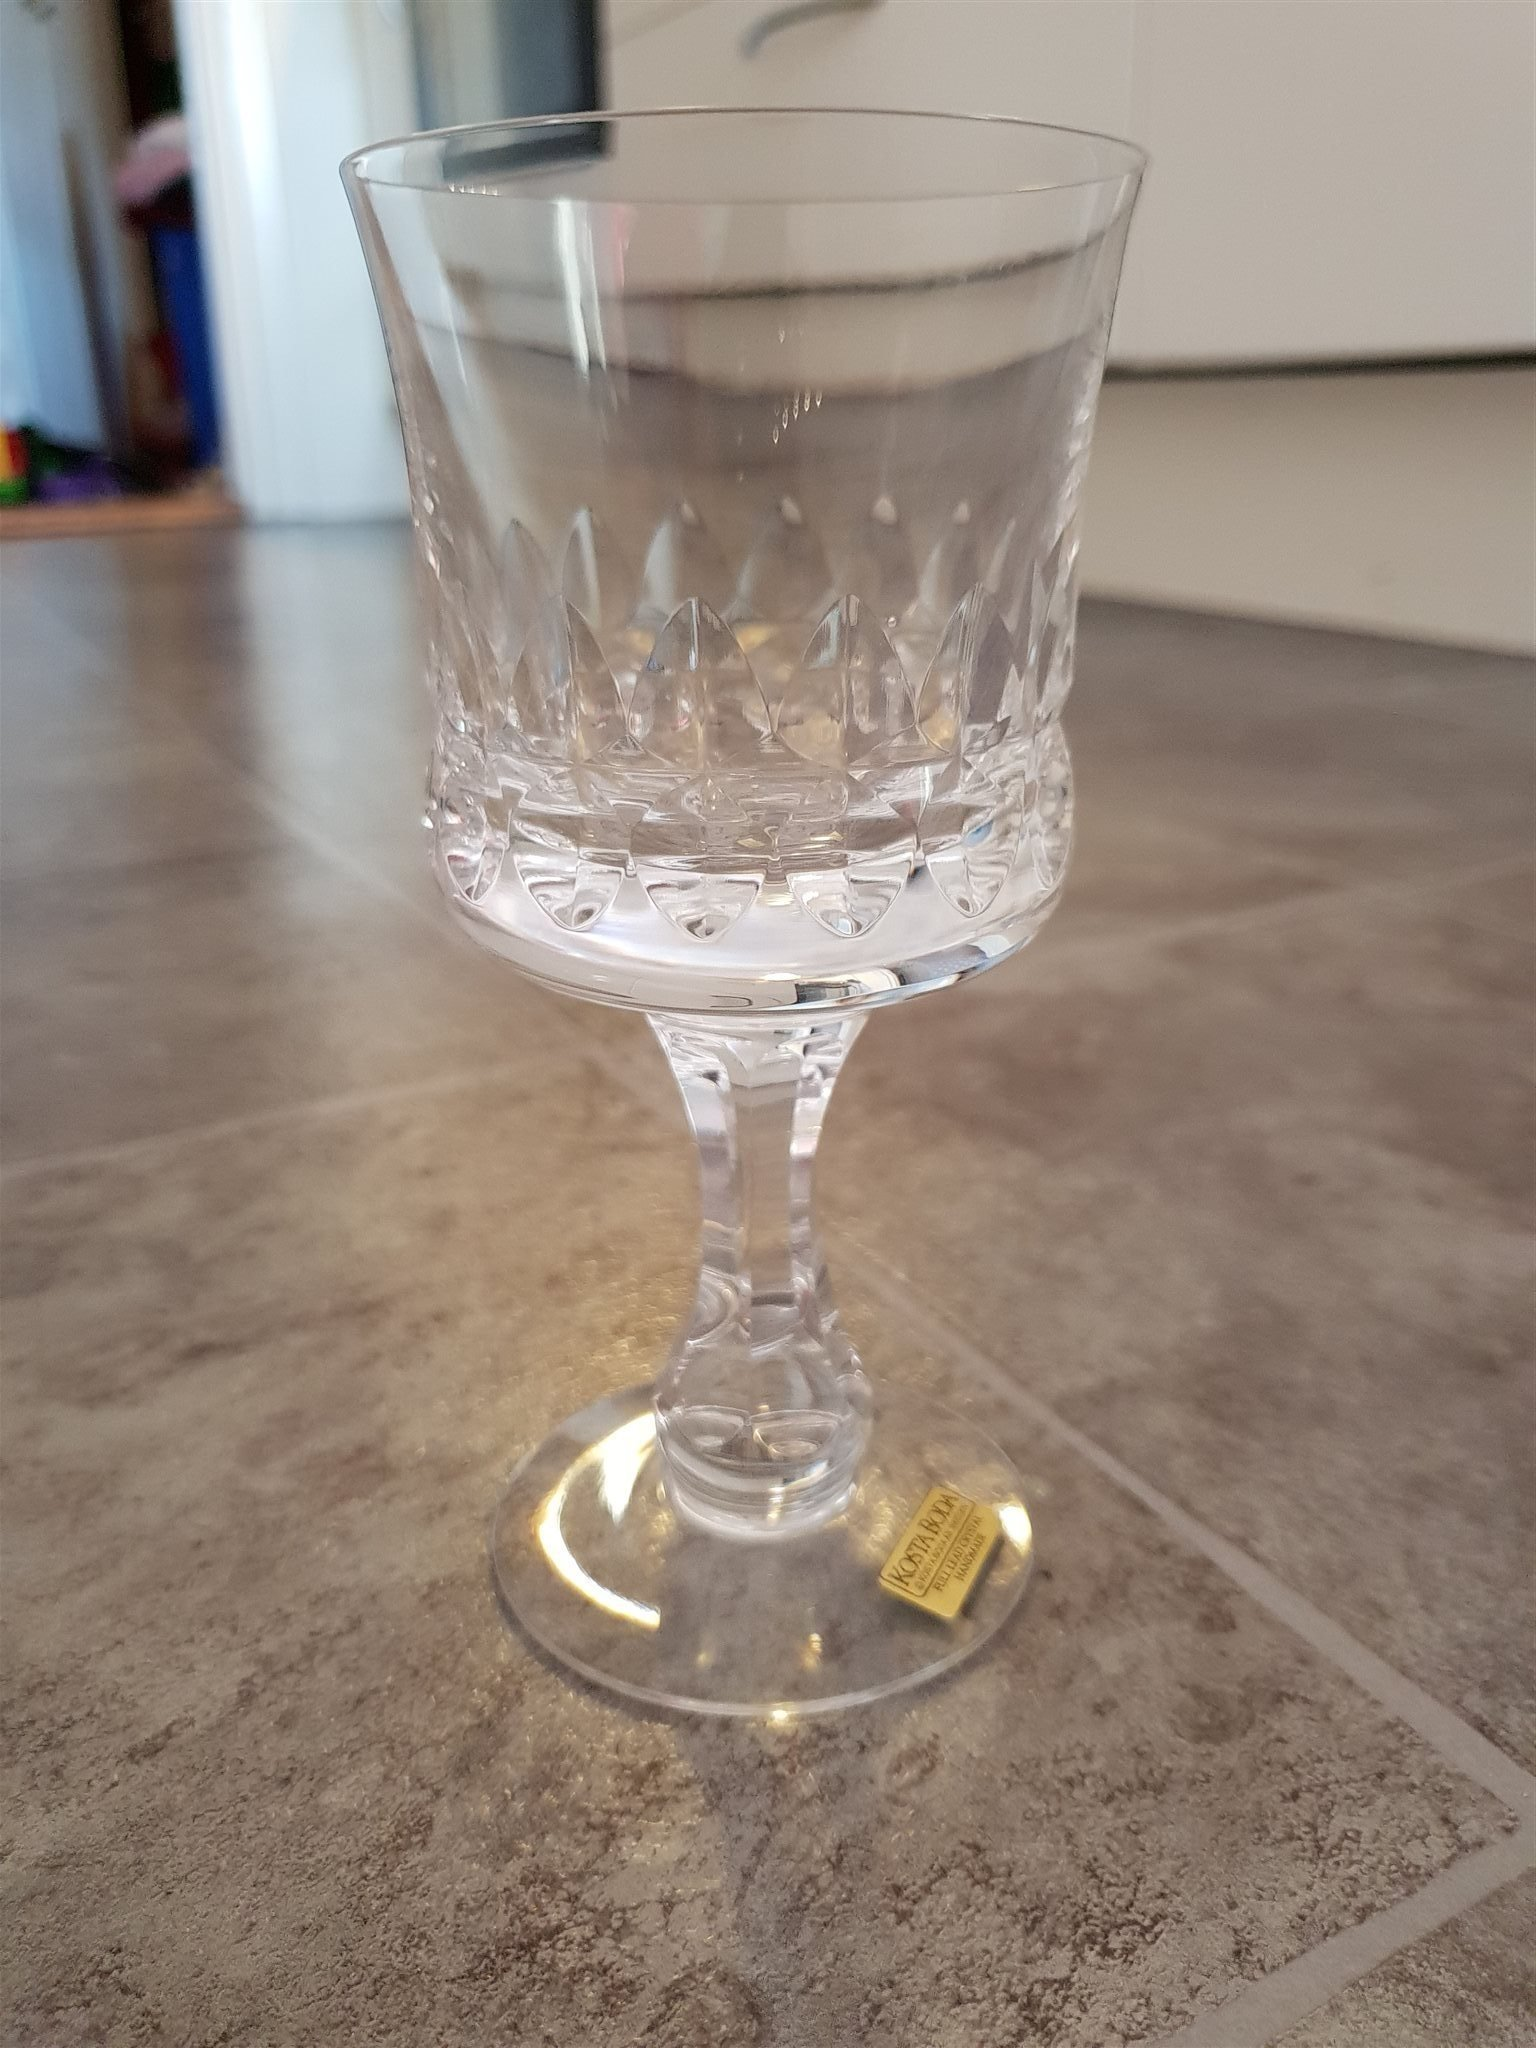 Svært Kosta Boda vinglas (346283269) ᐈ Köp på Tradera CG-76